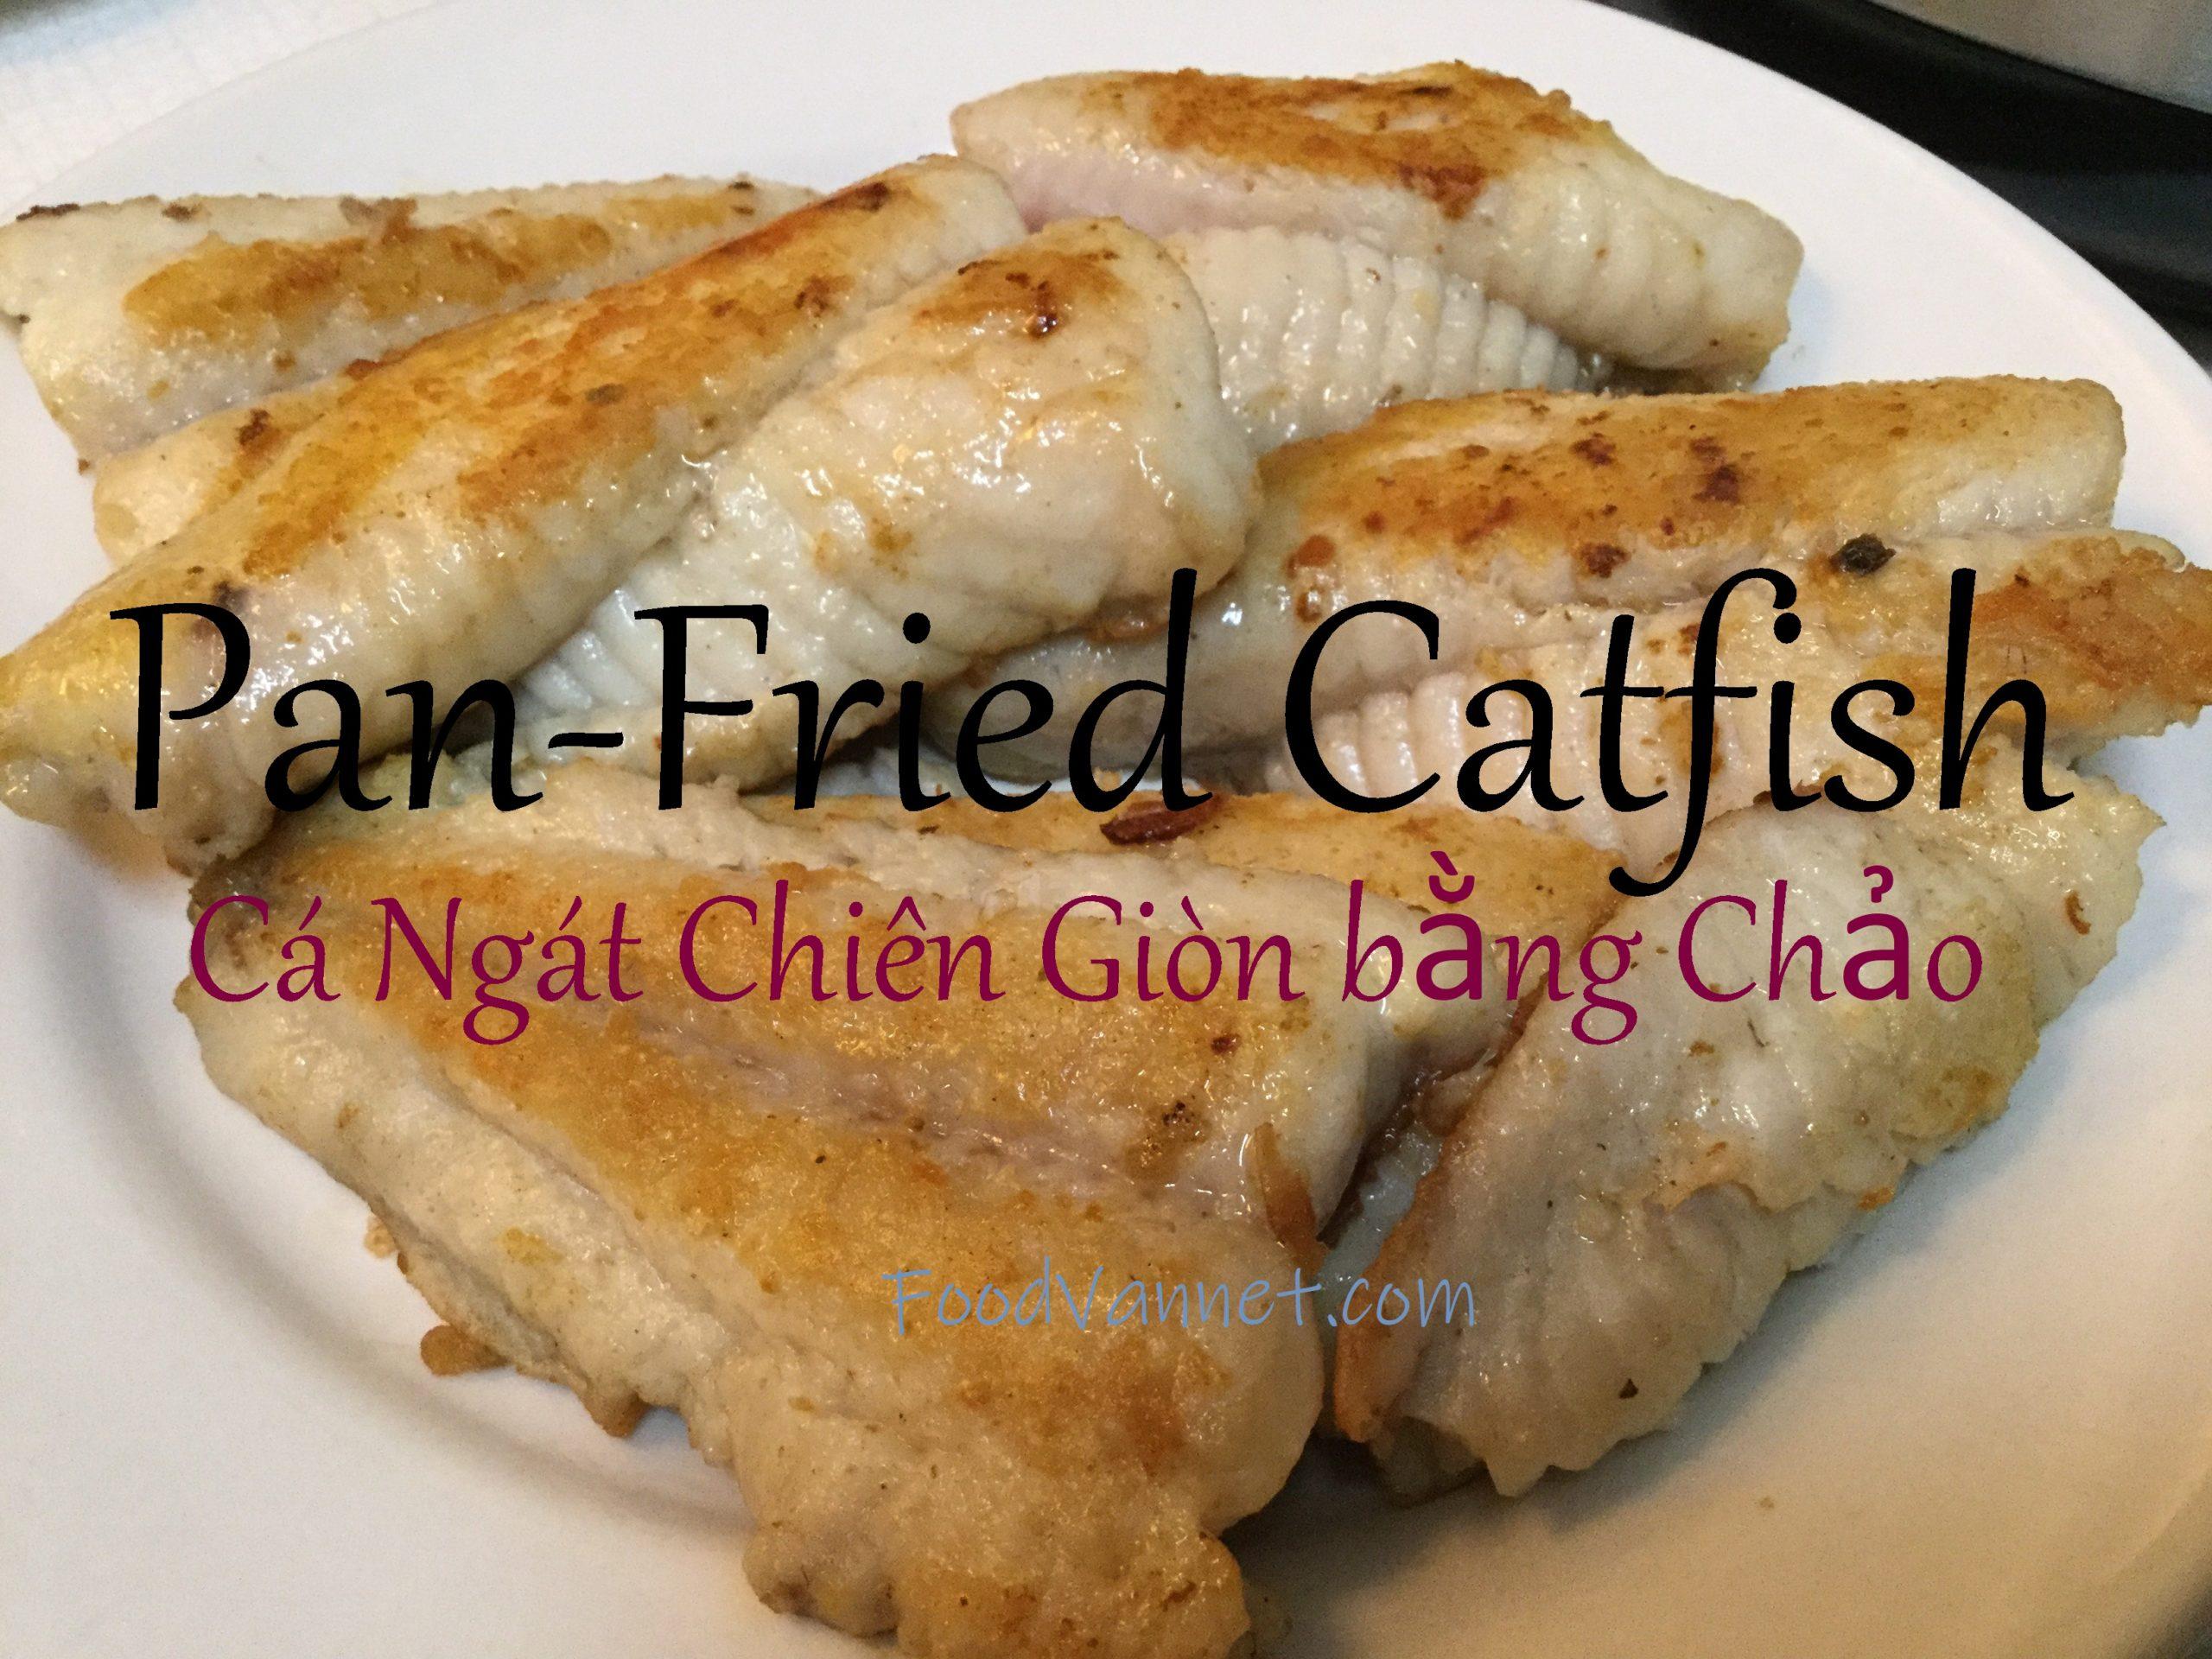 Crispy Pan-Fried Catfish (Cá Ngát Chiên Giòn bằng Chảo)